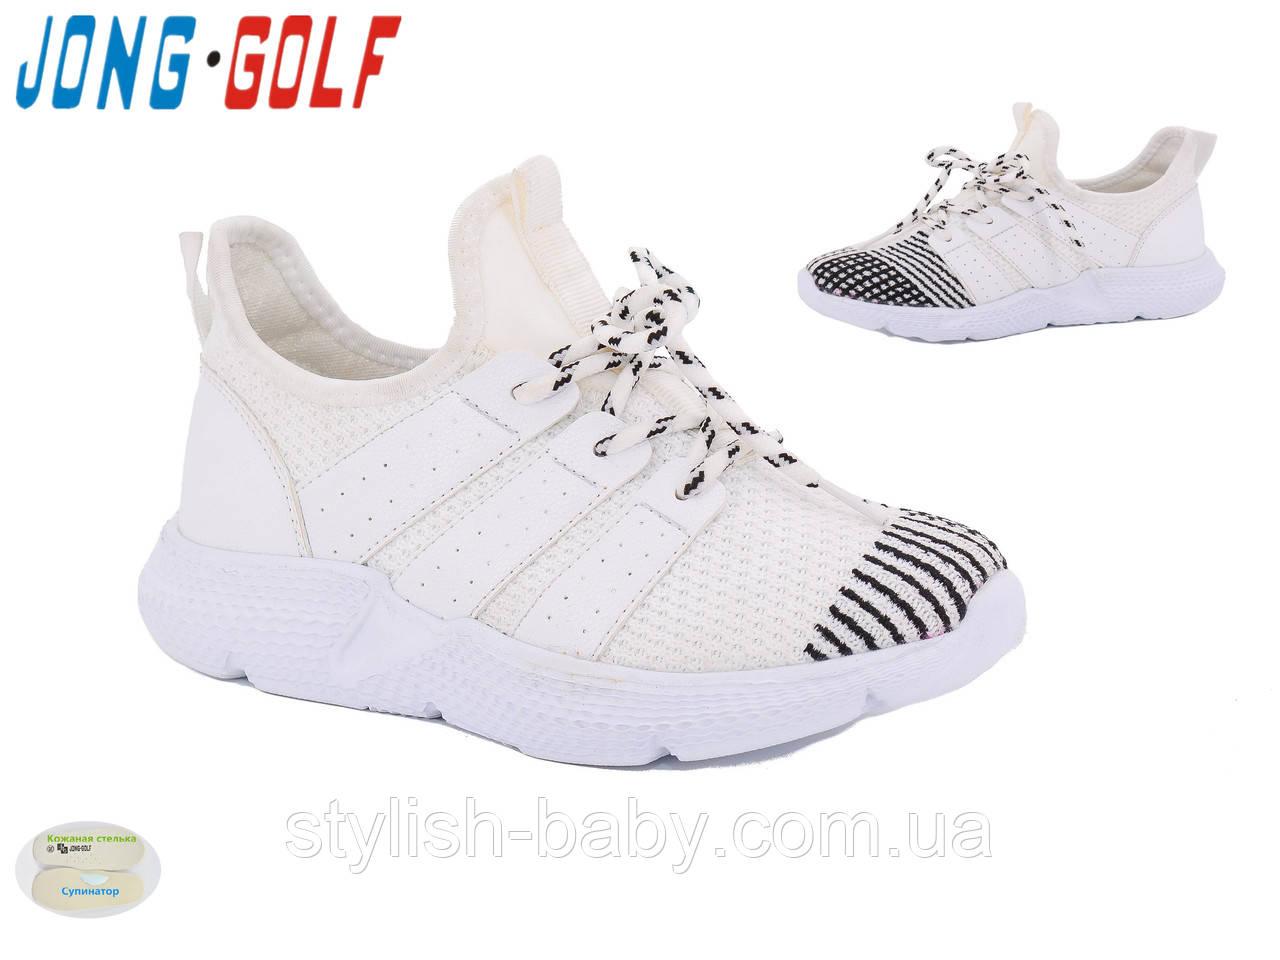 Детская обувь оптом 2019. Детская спортивная обувь бренда Jong Golf для мальчиков (рр. с 31 по 36)